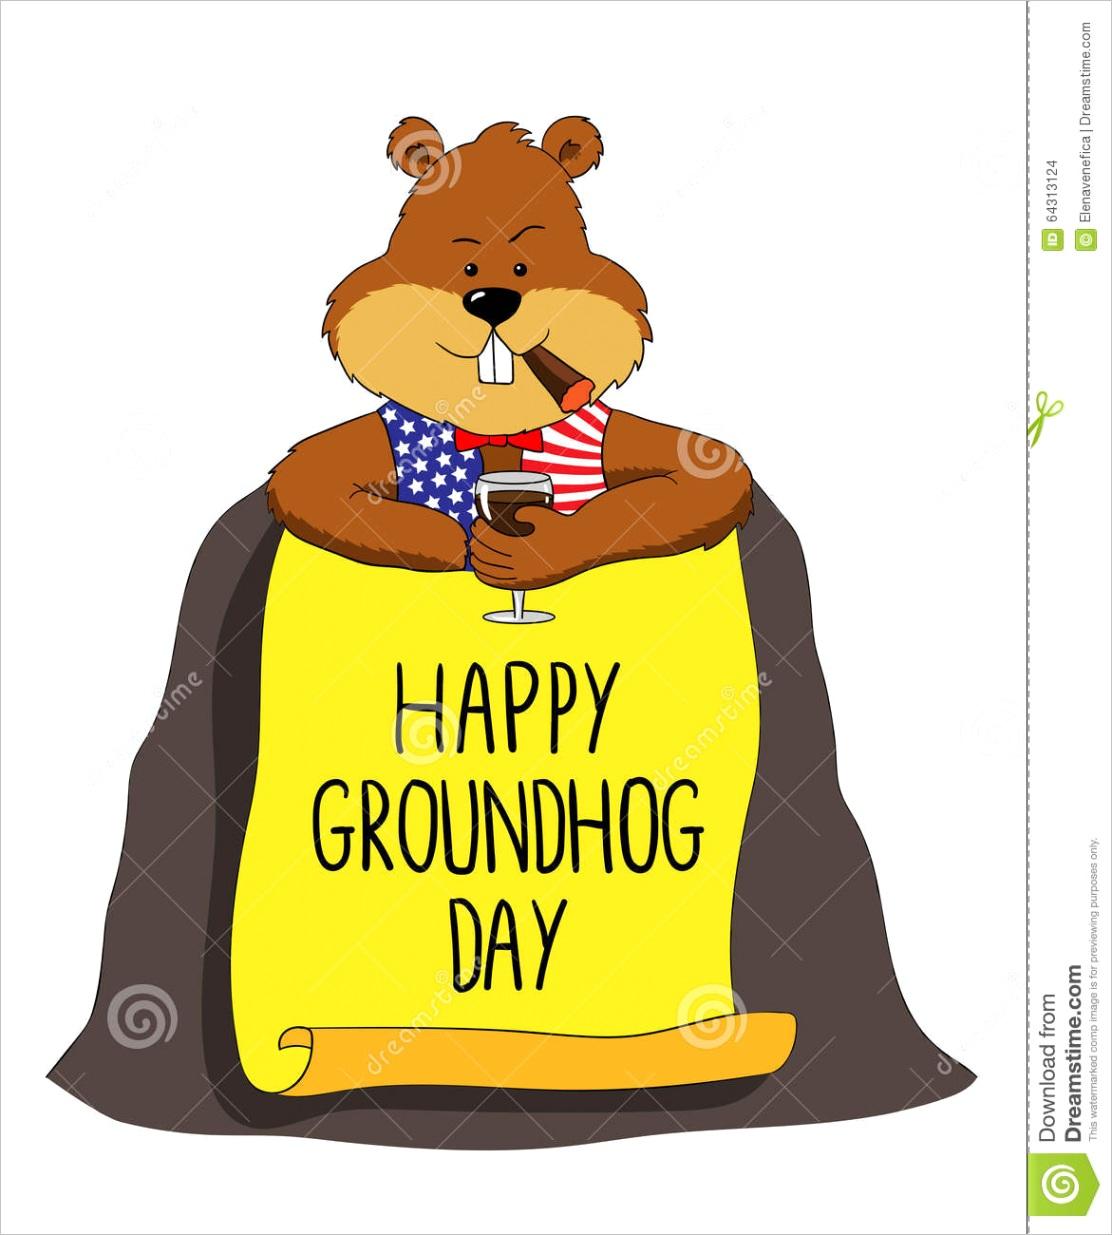 stock illustration groundhog happy groundhog day its hole clip art image